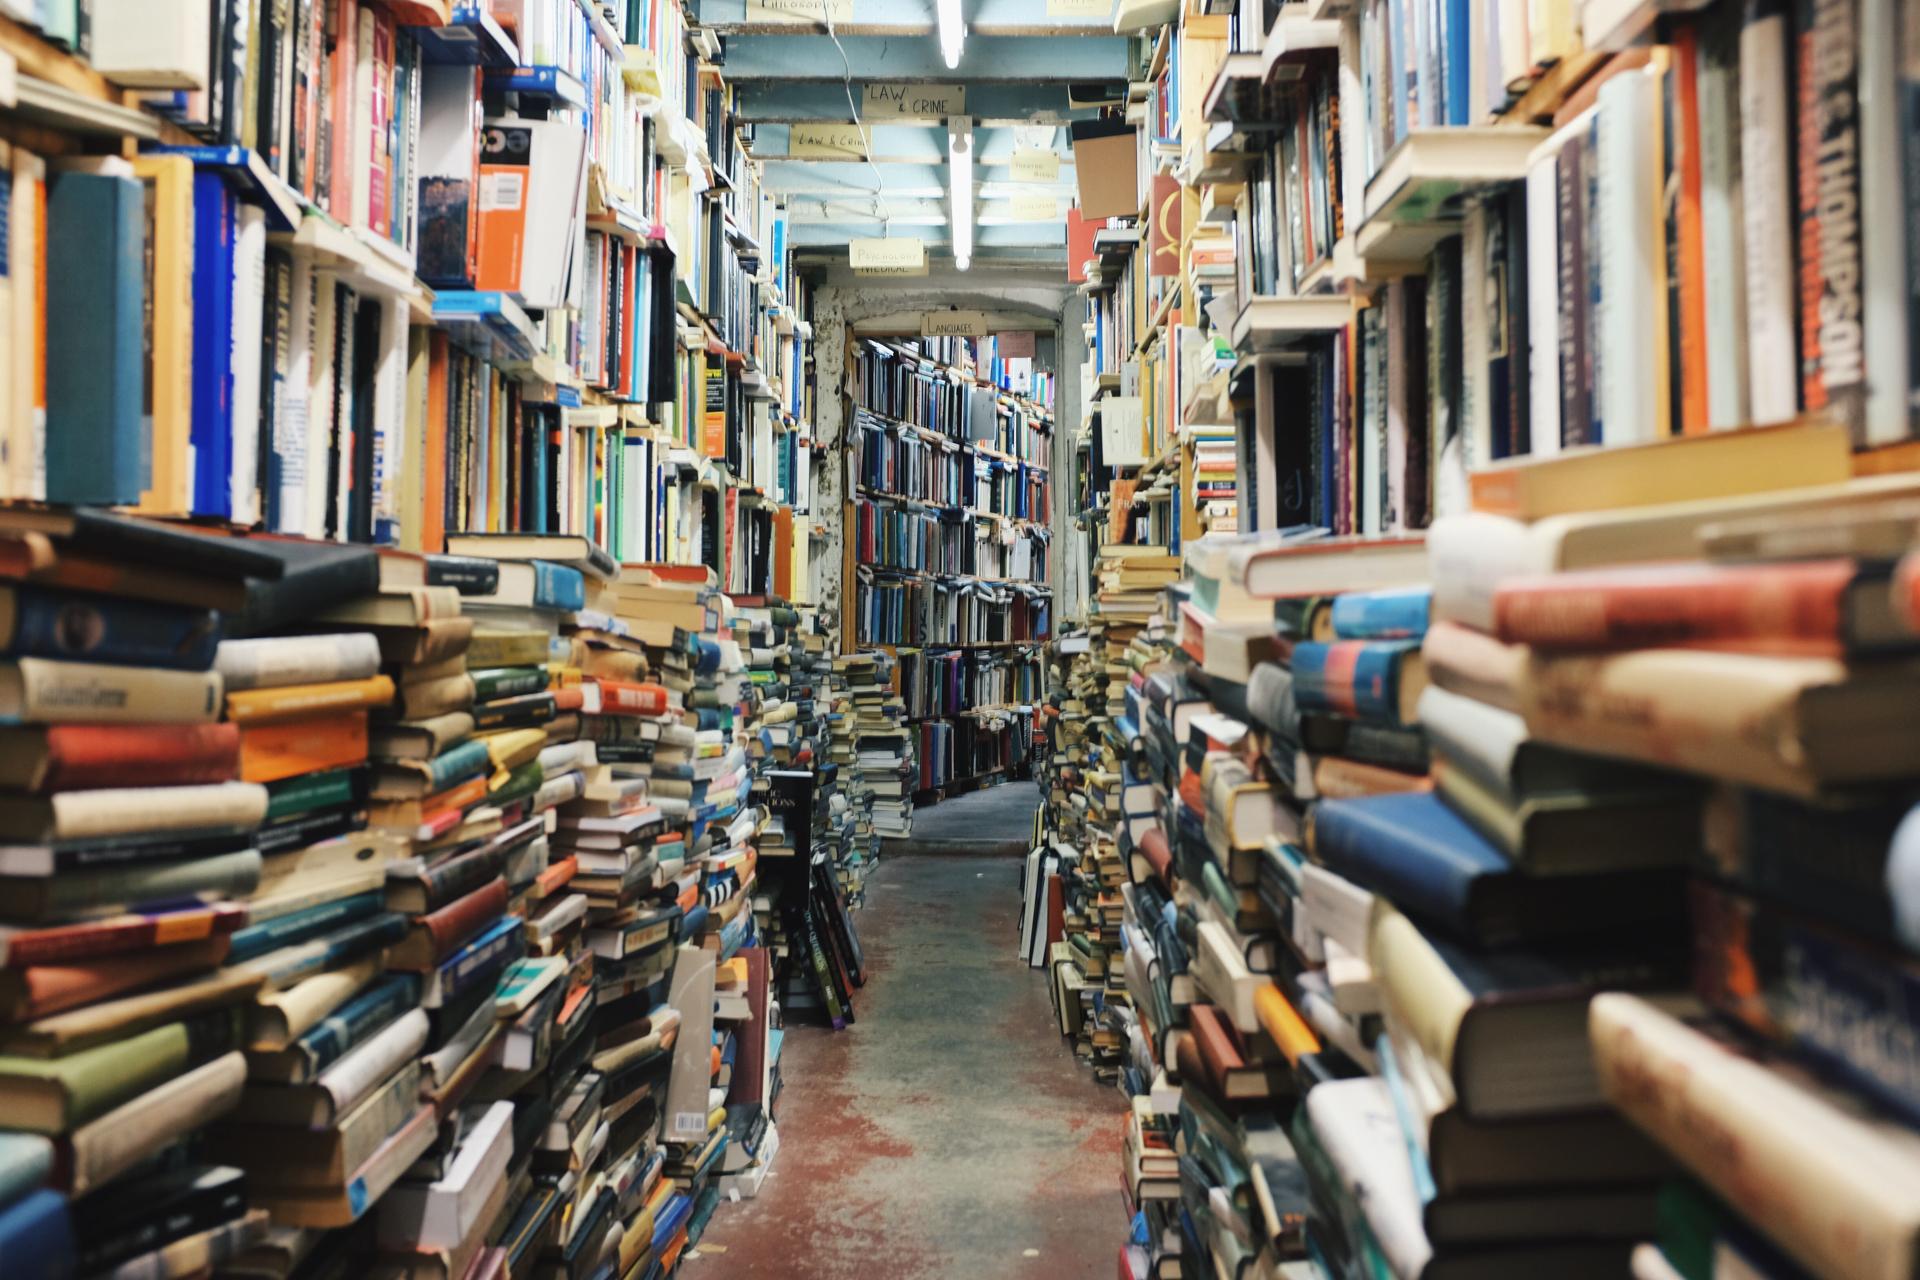 ぎっしりと本が詰め込まれた本棚の写真